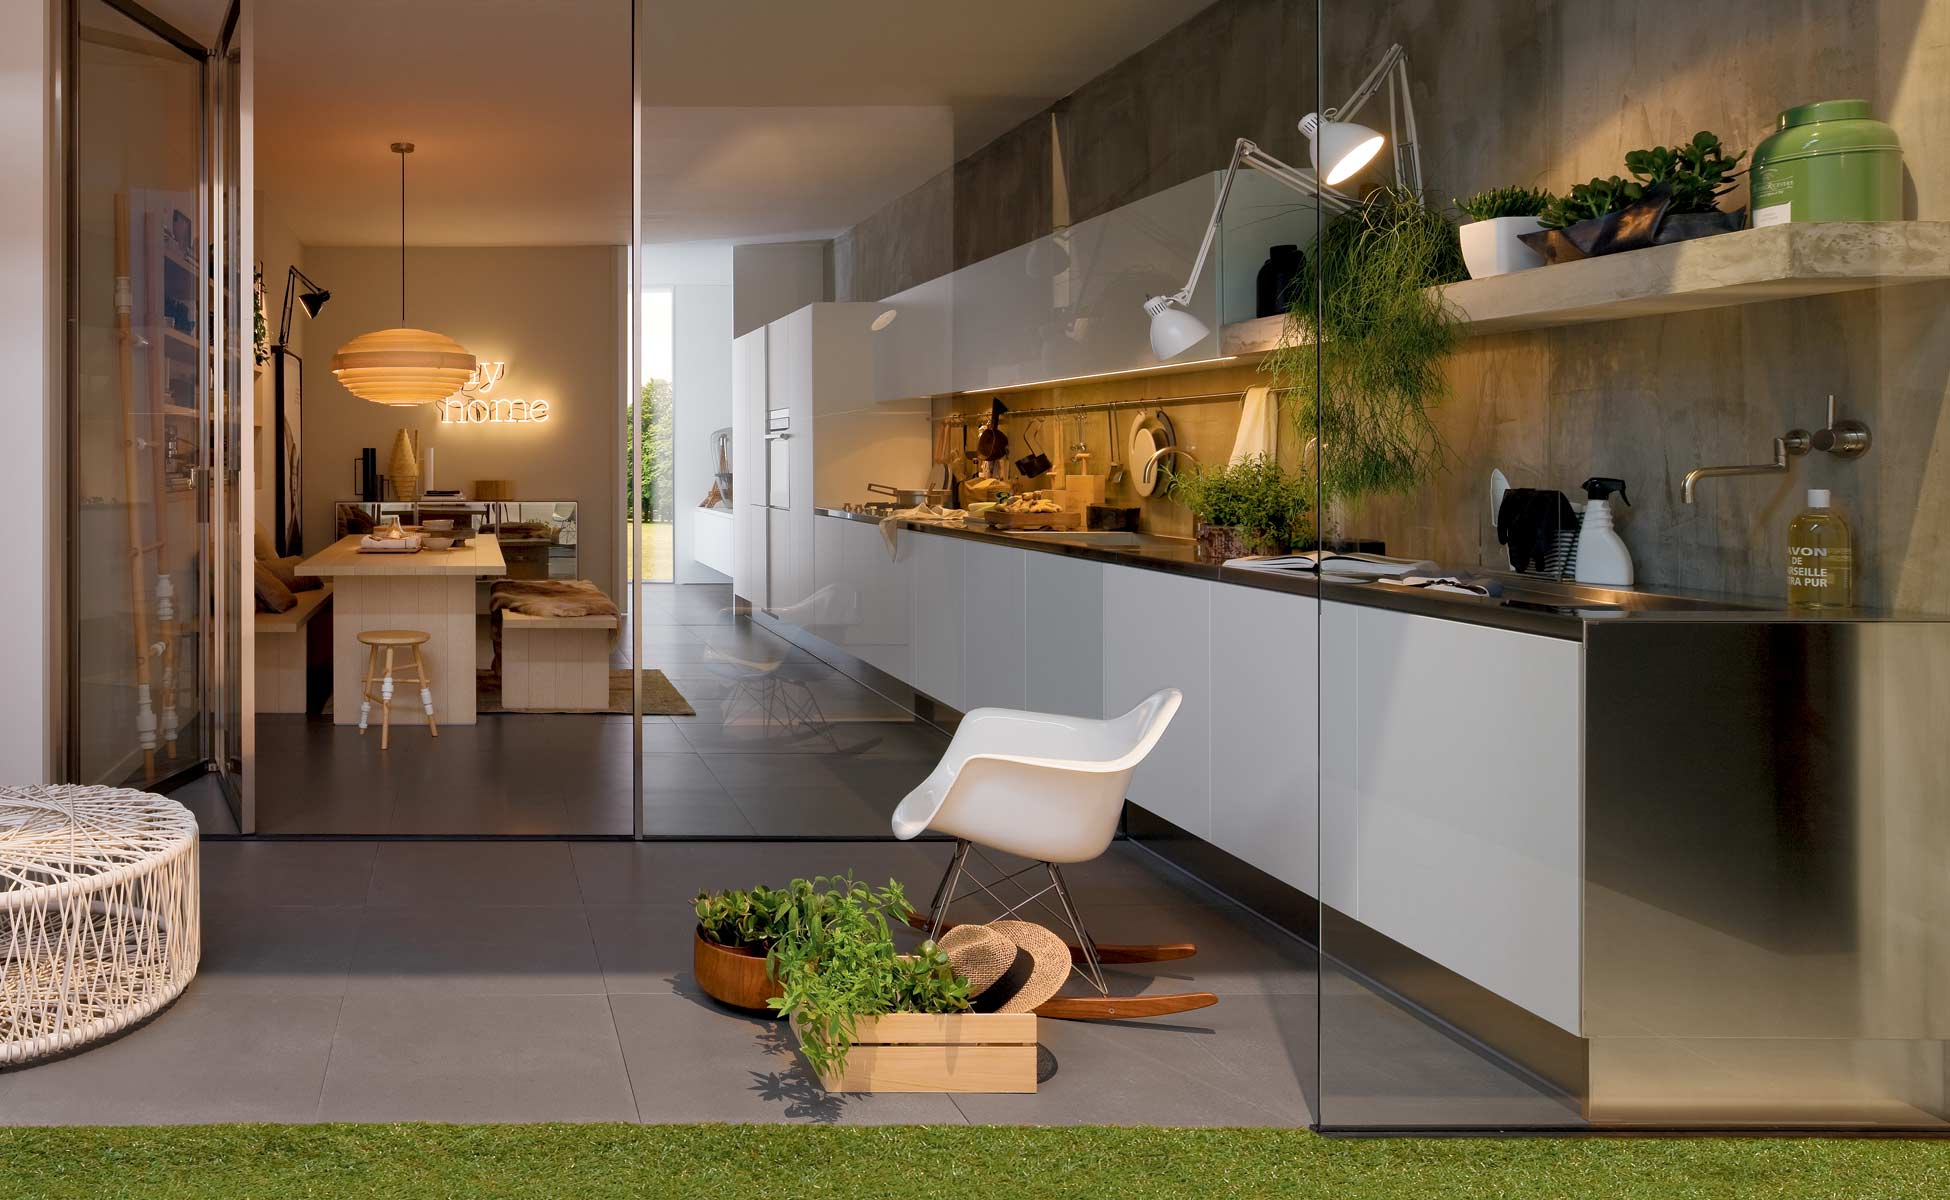 arclinea küche in berlin bei steidten+